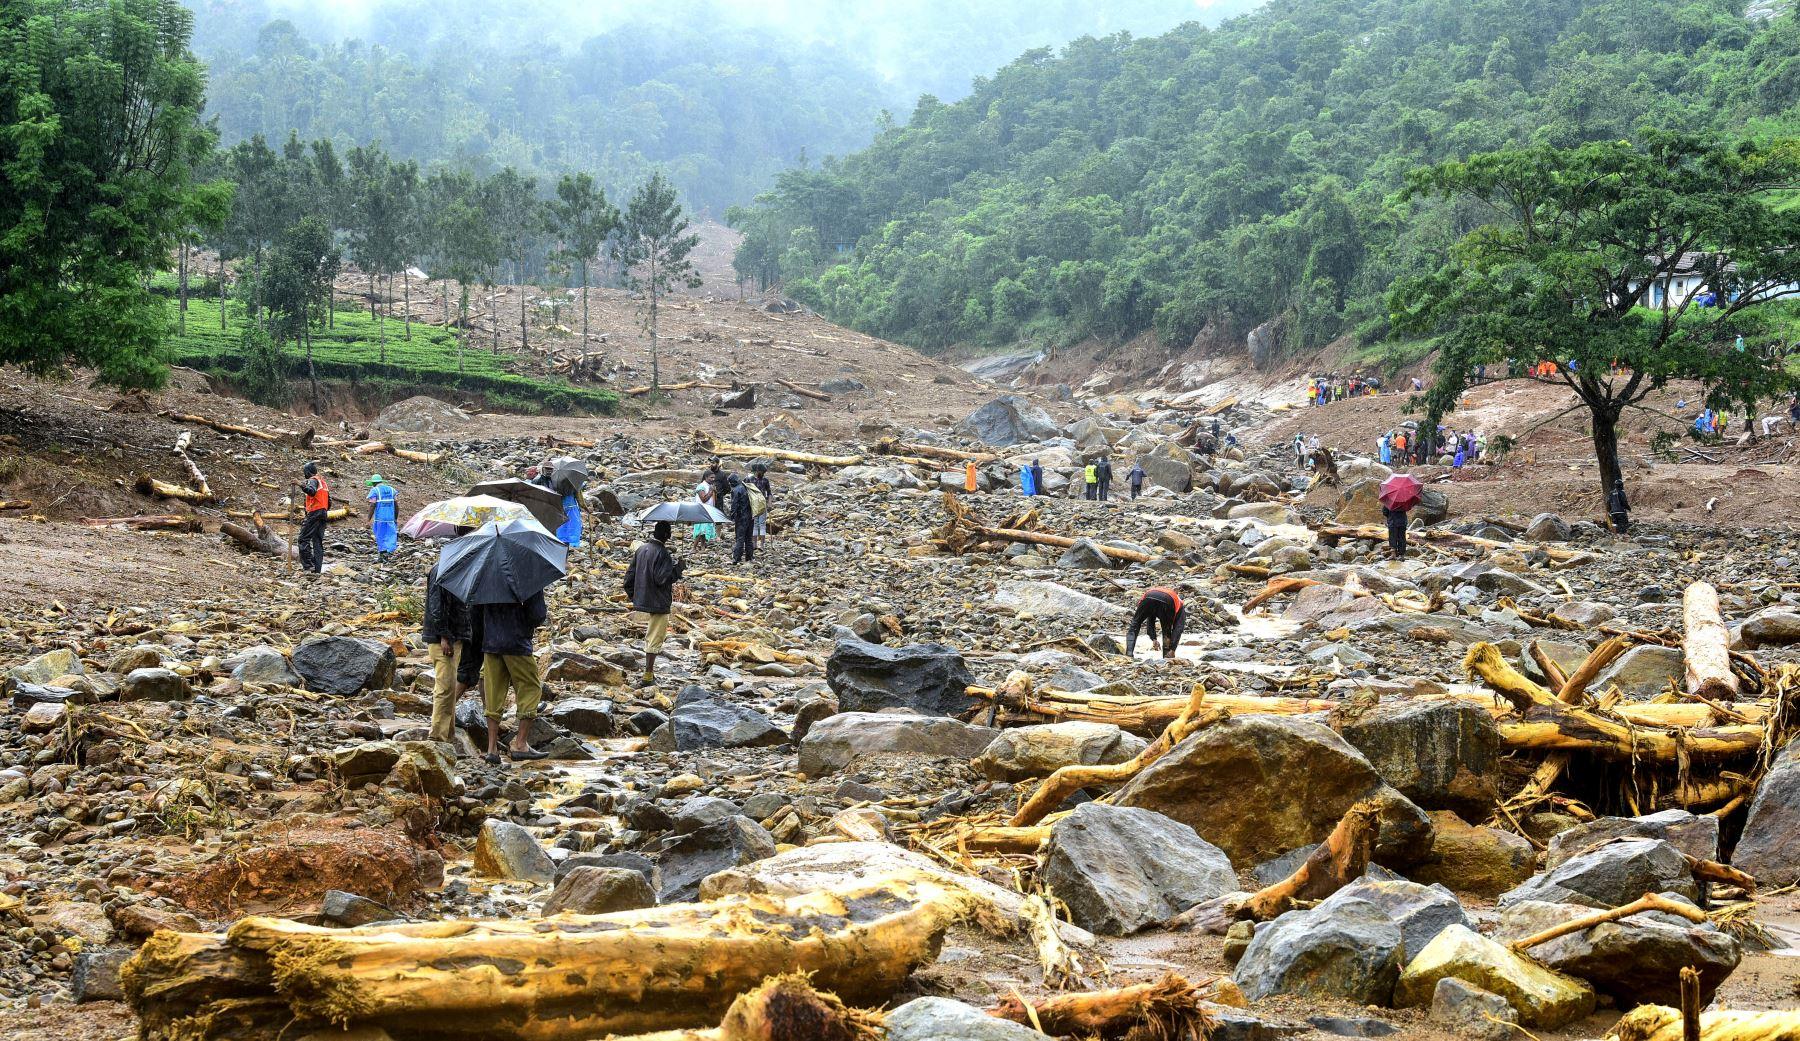 Voluntarios, residentes locales y miembros de la Fuerza Nacional de Respuesta a Desastres buscan sobrevivientes en los escombros que dejó un deslizamiento de tierra en Puthumala India.  Foto: AFP